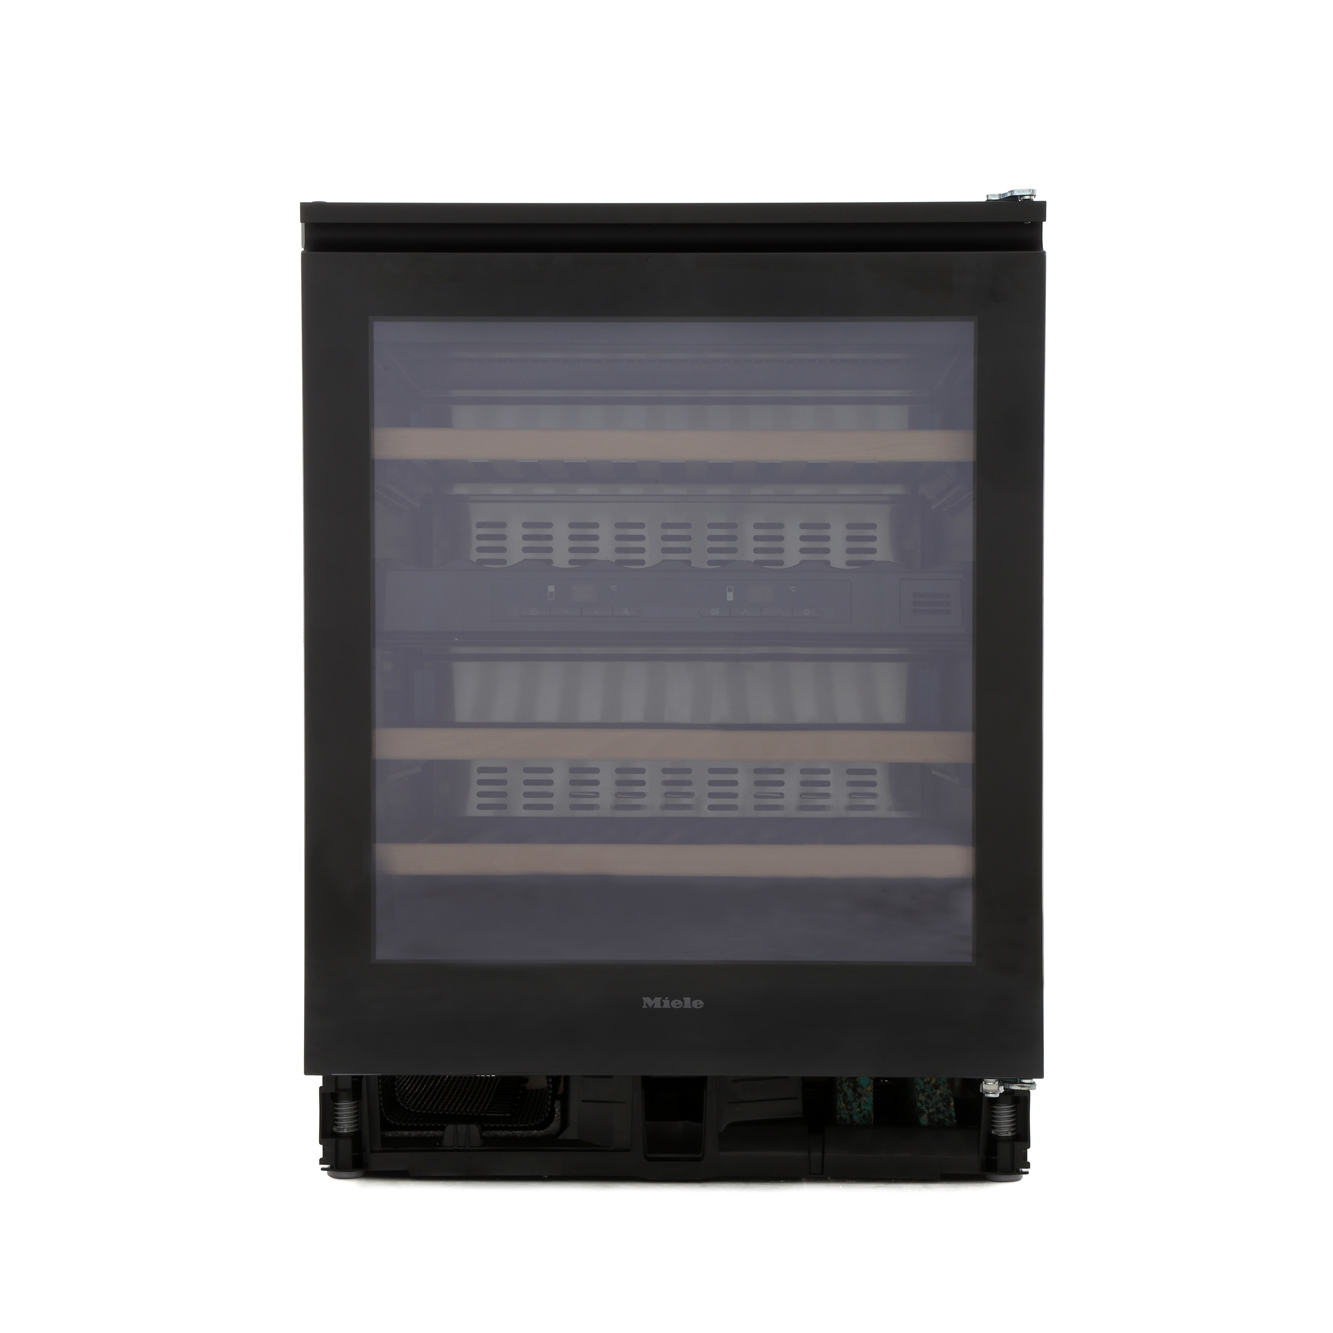 Buy Miele Kwt6321ug Integrated Wine Cooler Black And